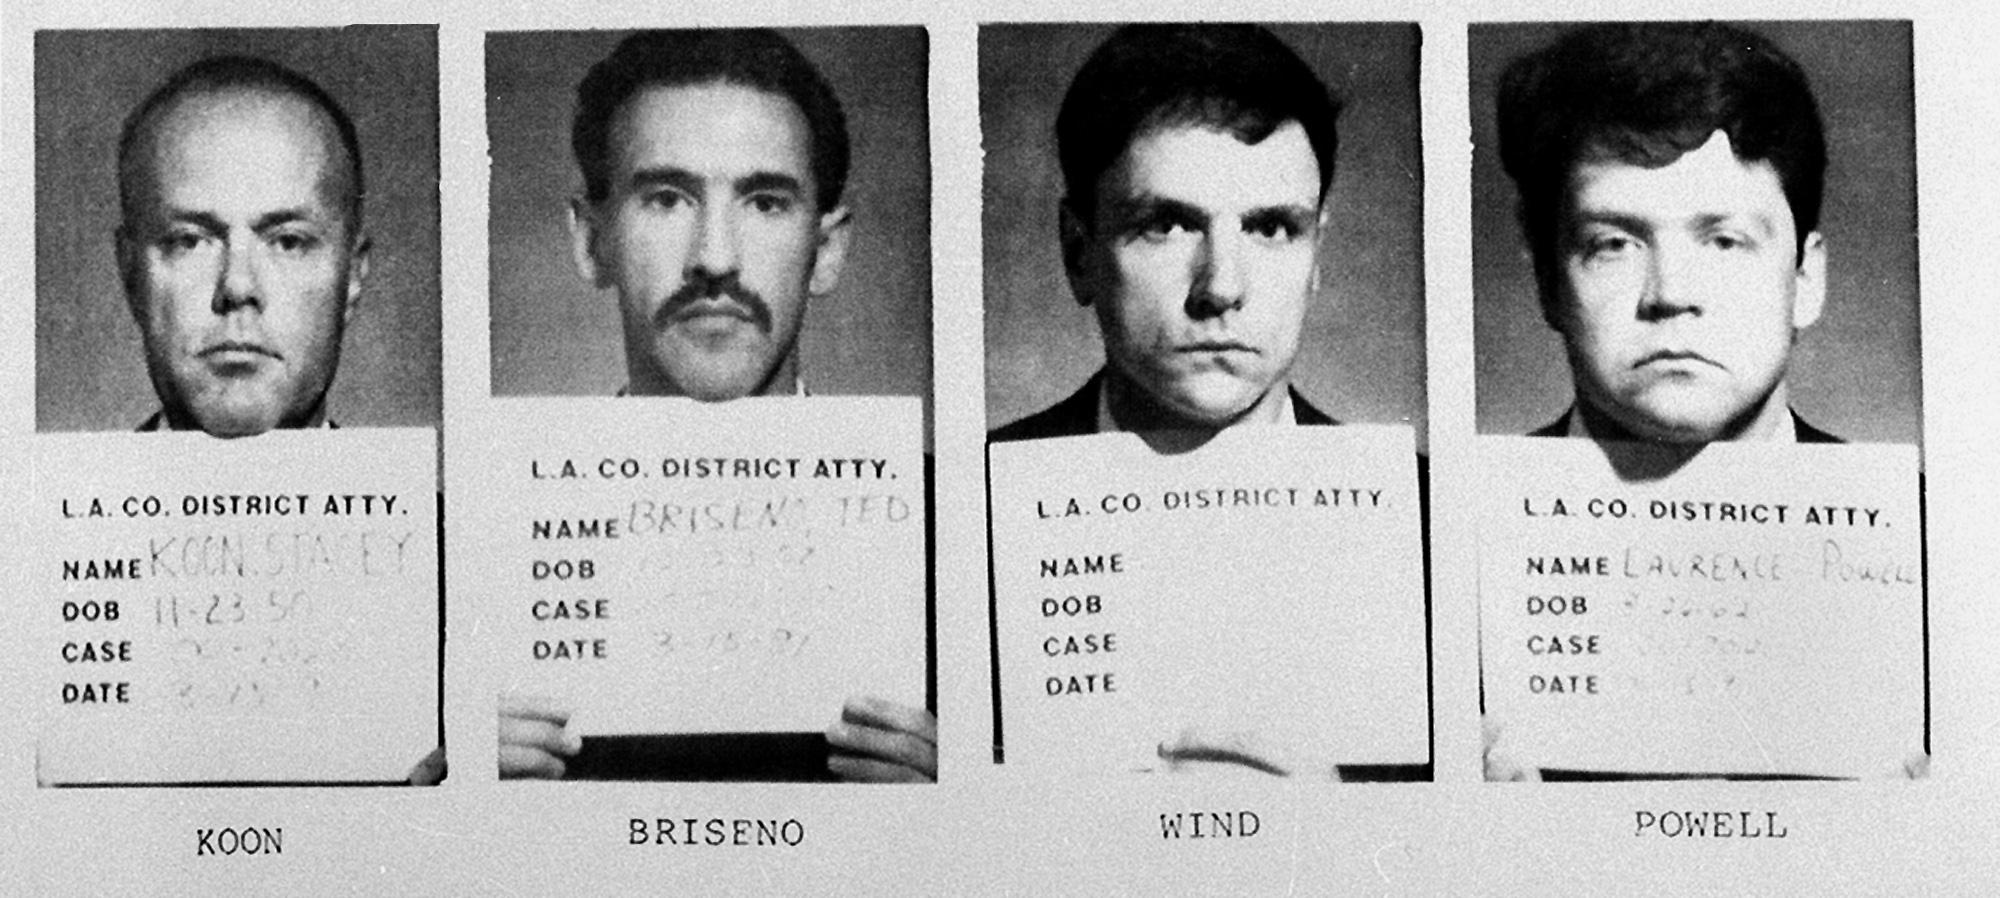 四名毆打羅尼‧金恩的警察原判無罪,隨即引發了洛杉磯大暴動。(美聯社)